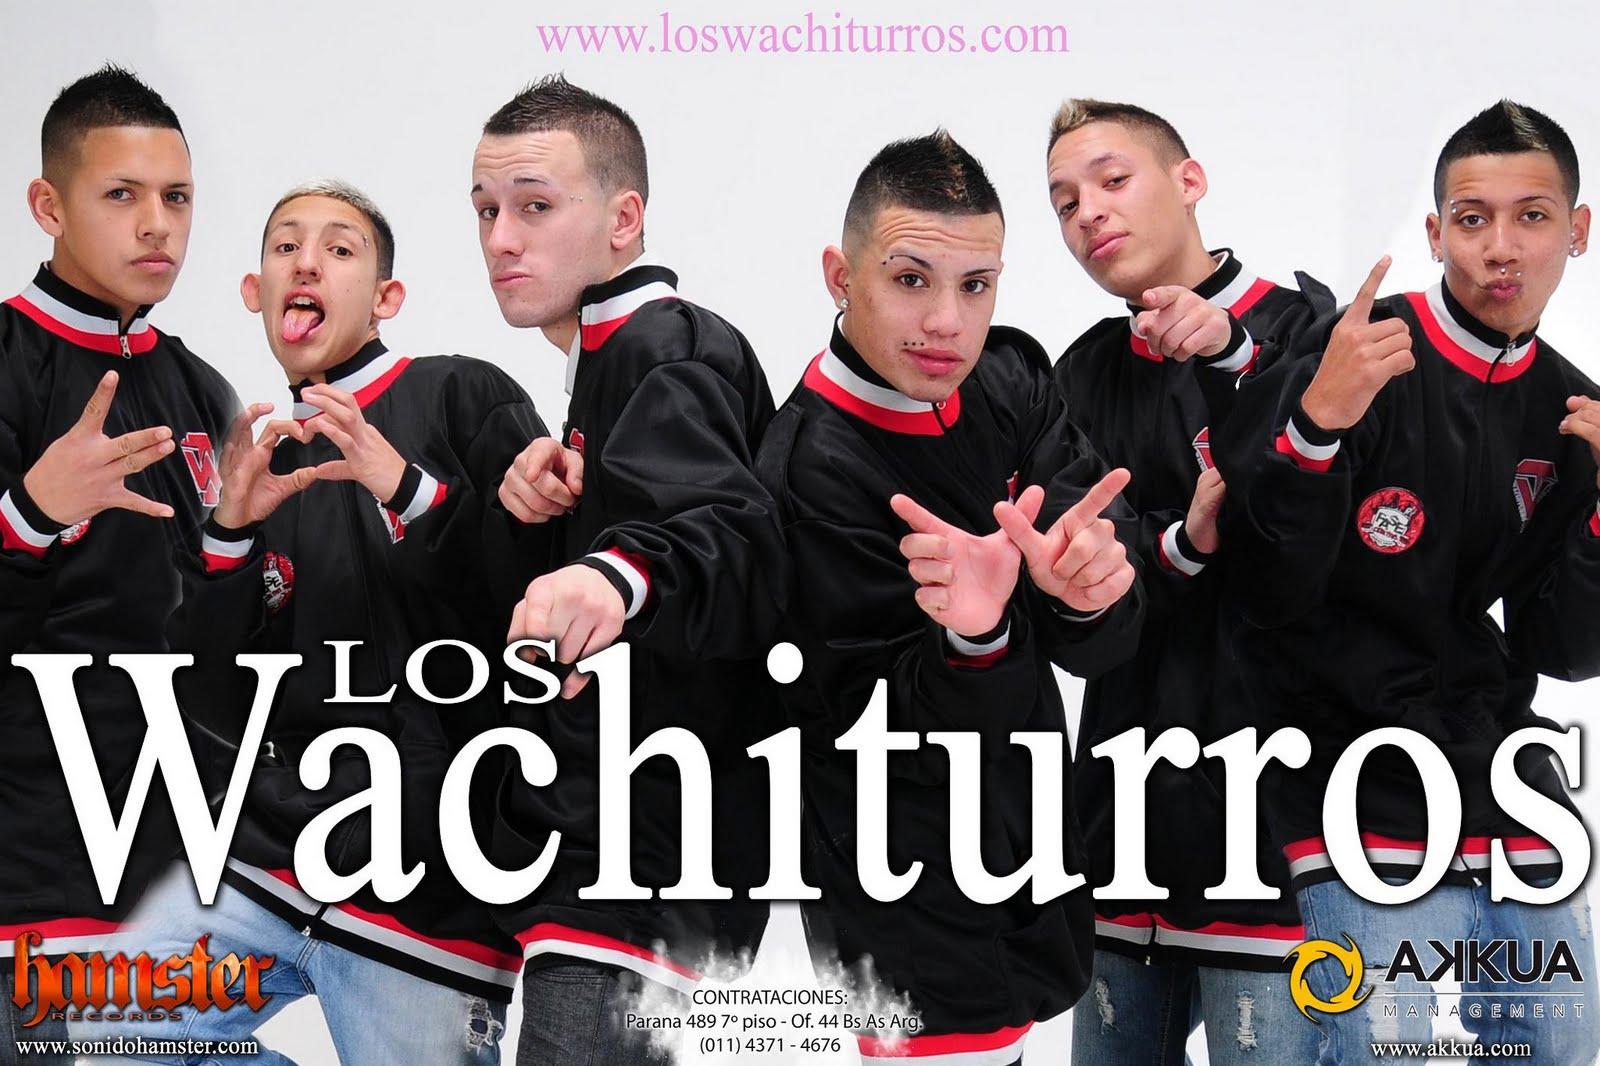 WACHITURROS Y WACHITURRAS